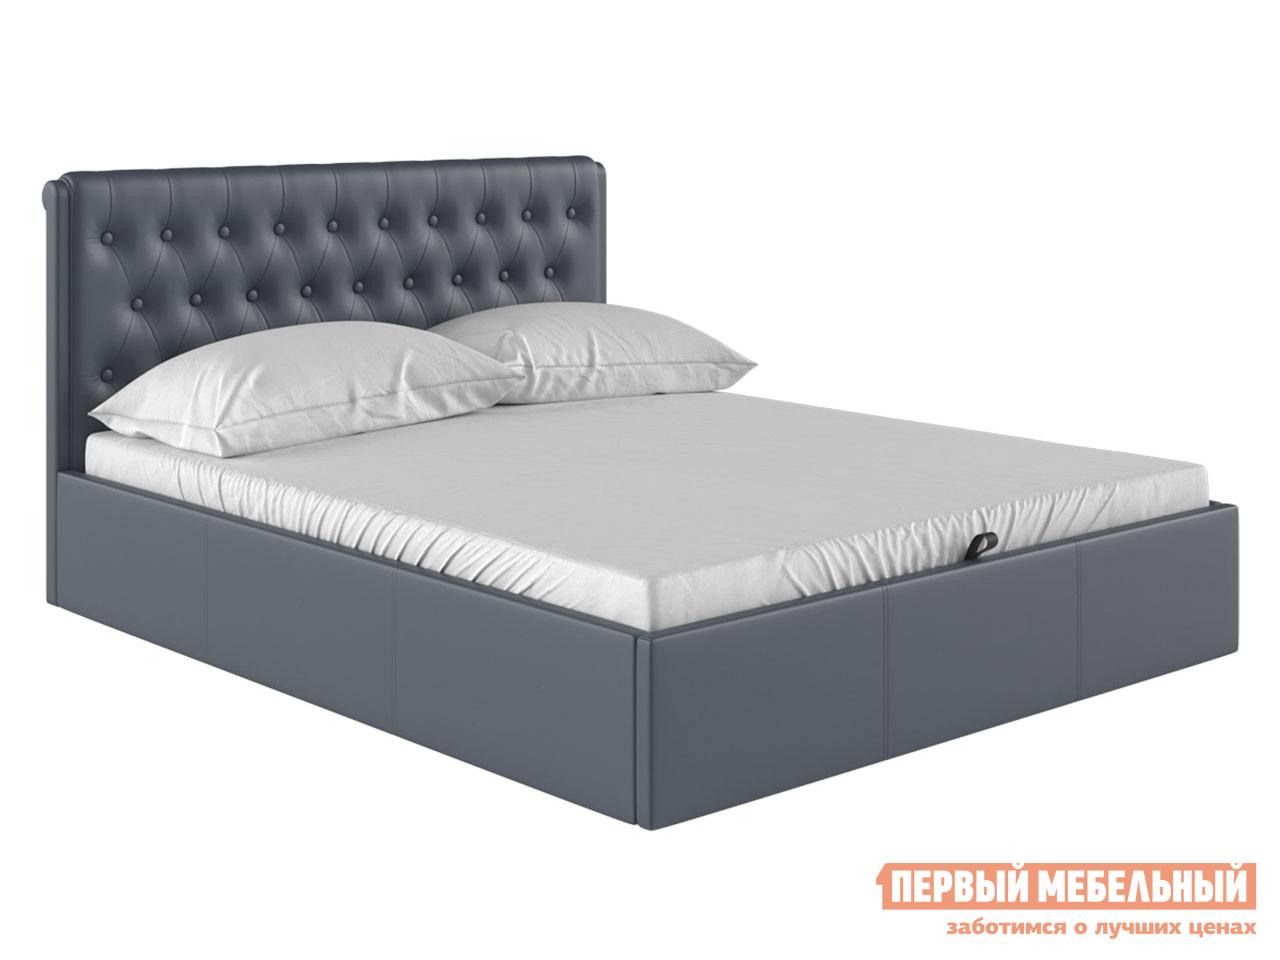 Двуспальная кровать  Кровать с подъемным механизмом Моника Серый, экокожа, 1600 Х 2000 мм — Кровать с подъемным механизмом Моника Серый, экокожа, 1600 Х 2000 мм